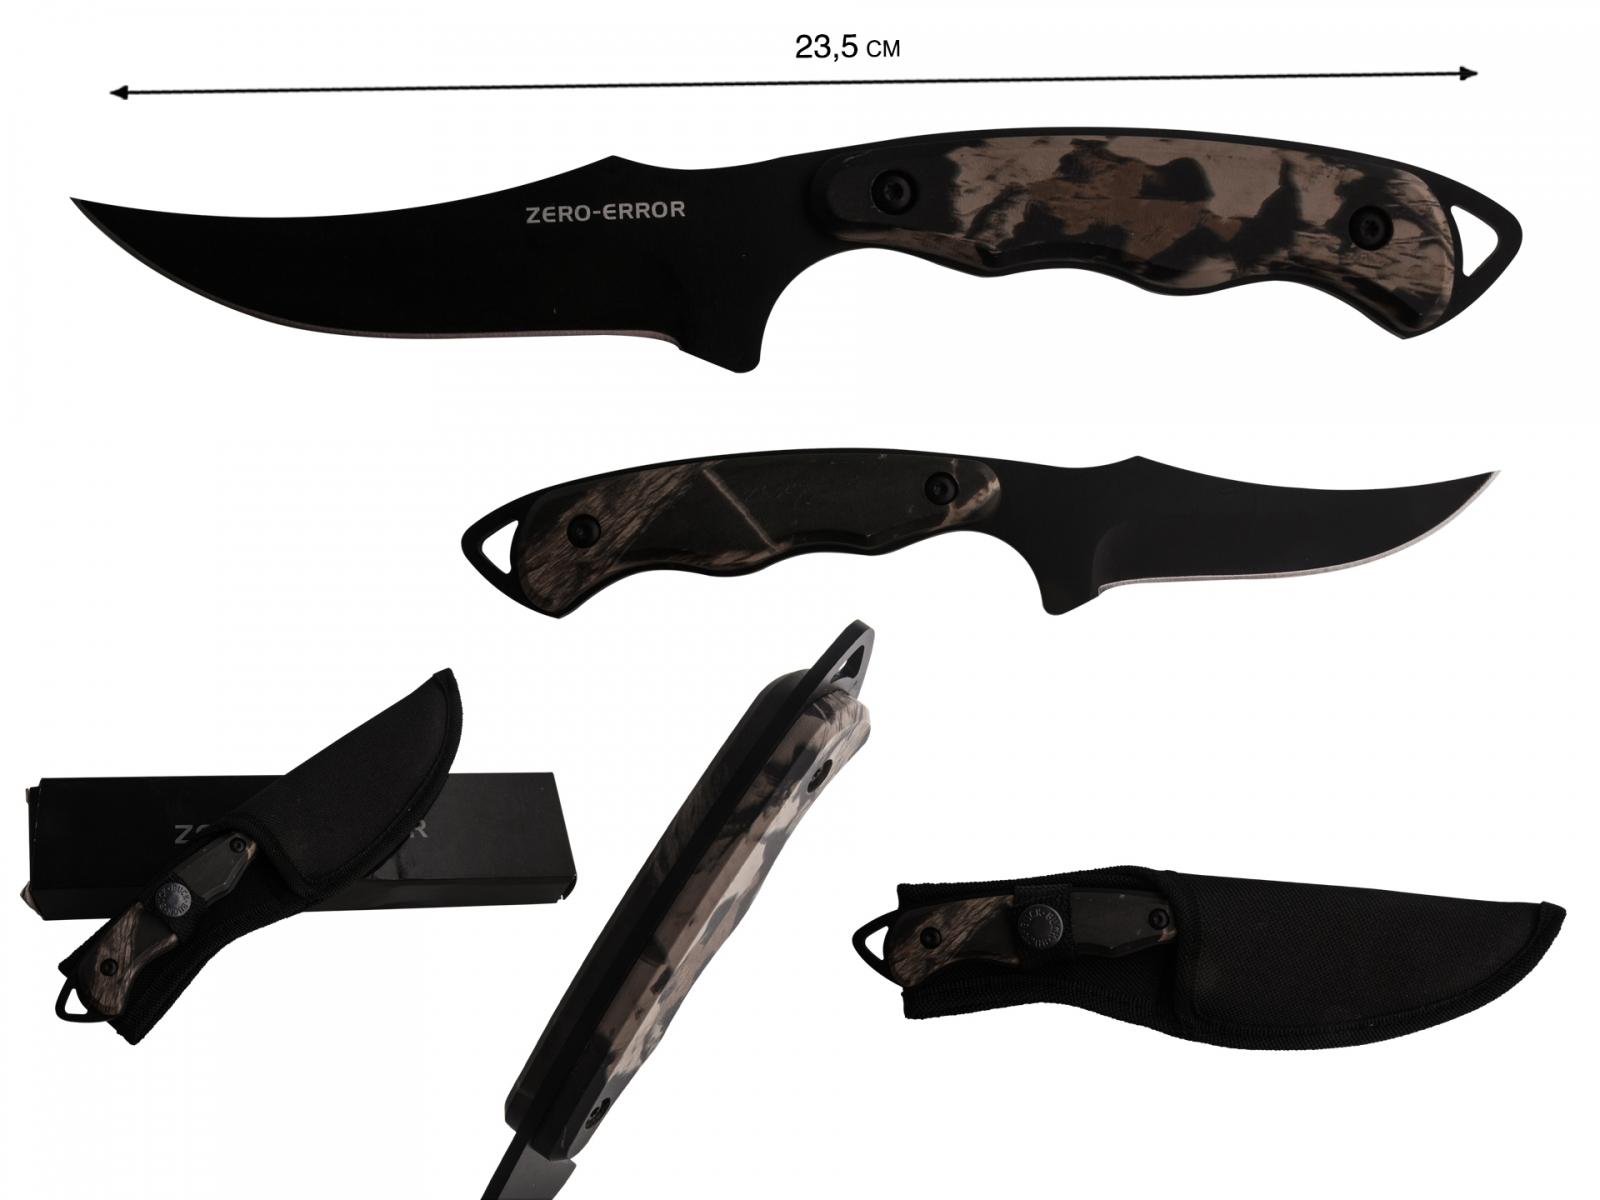 Нож Zero-Error камуфляж - купить недорого в интернет-магазине